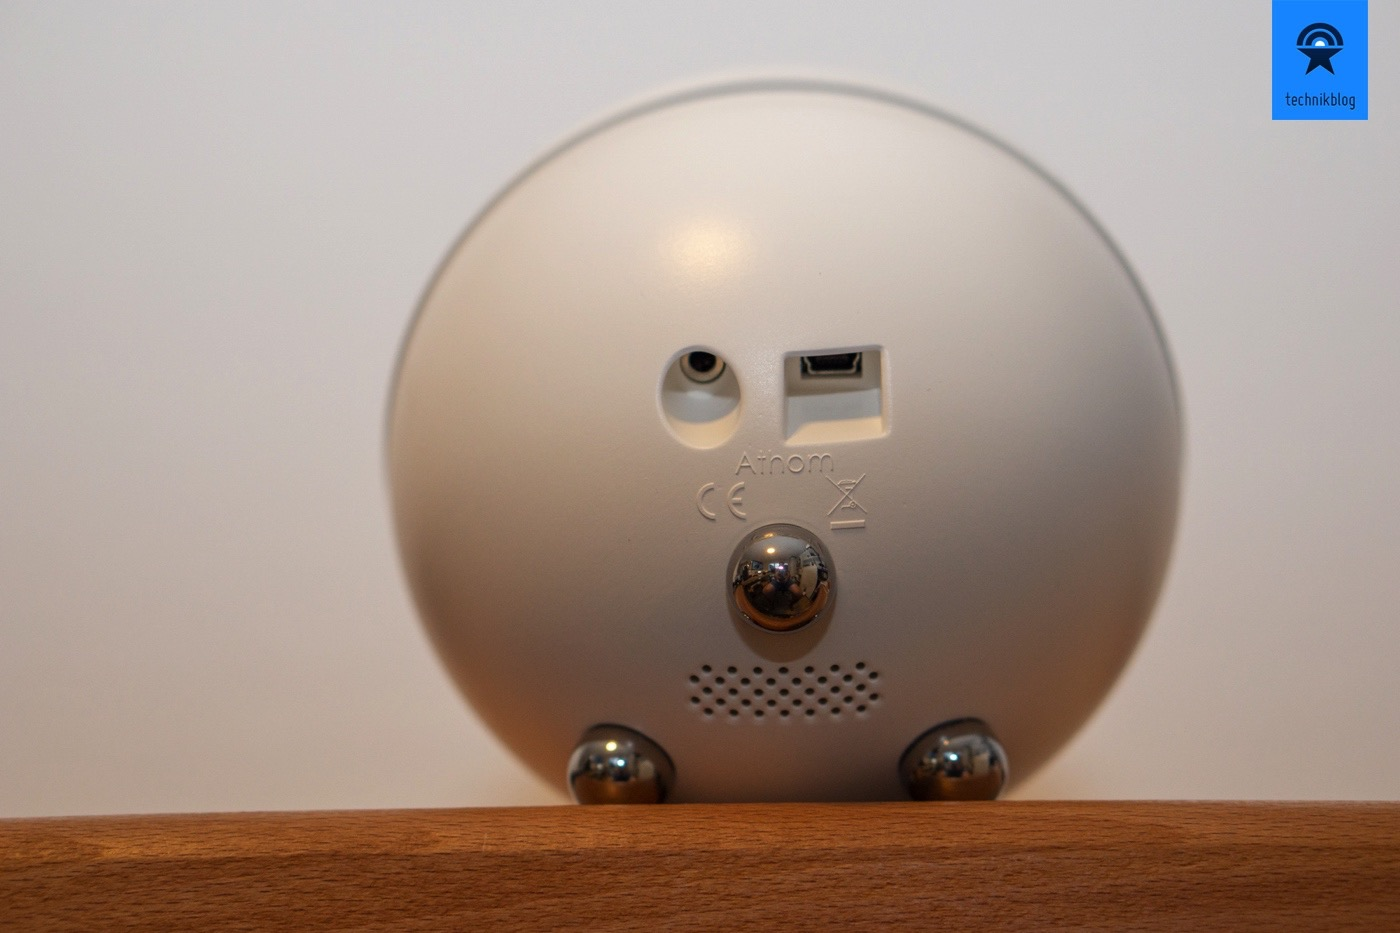 Der Athom Homey wird über Mini-USB gespiesen